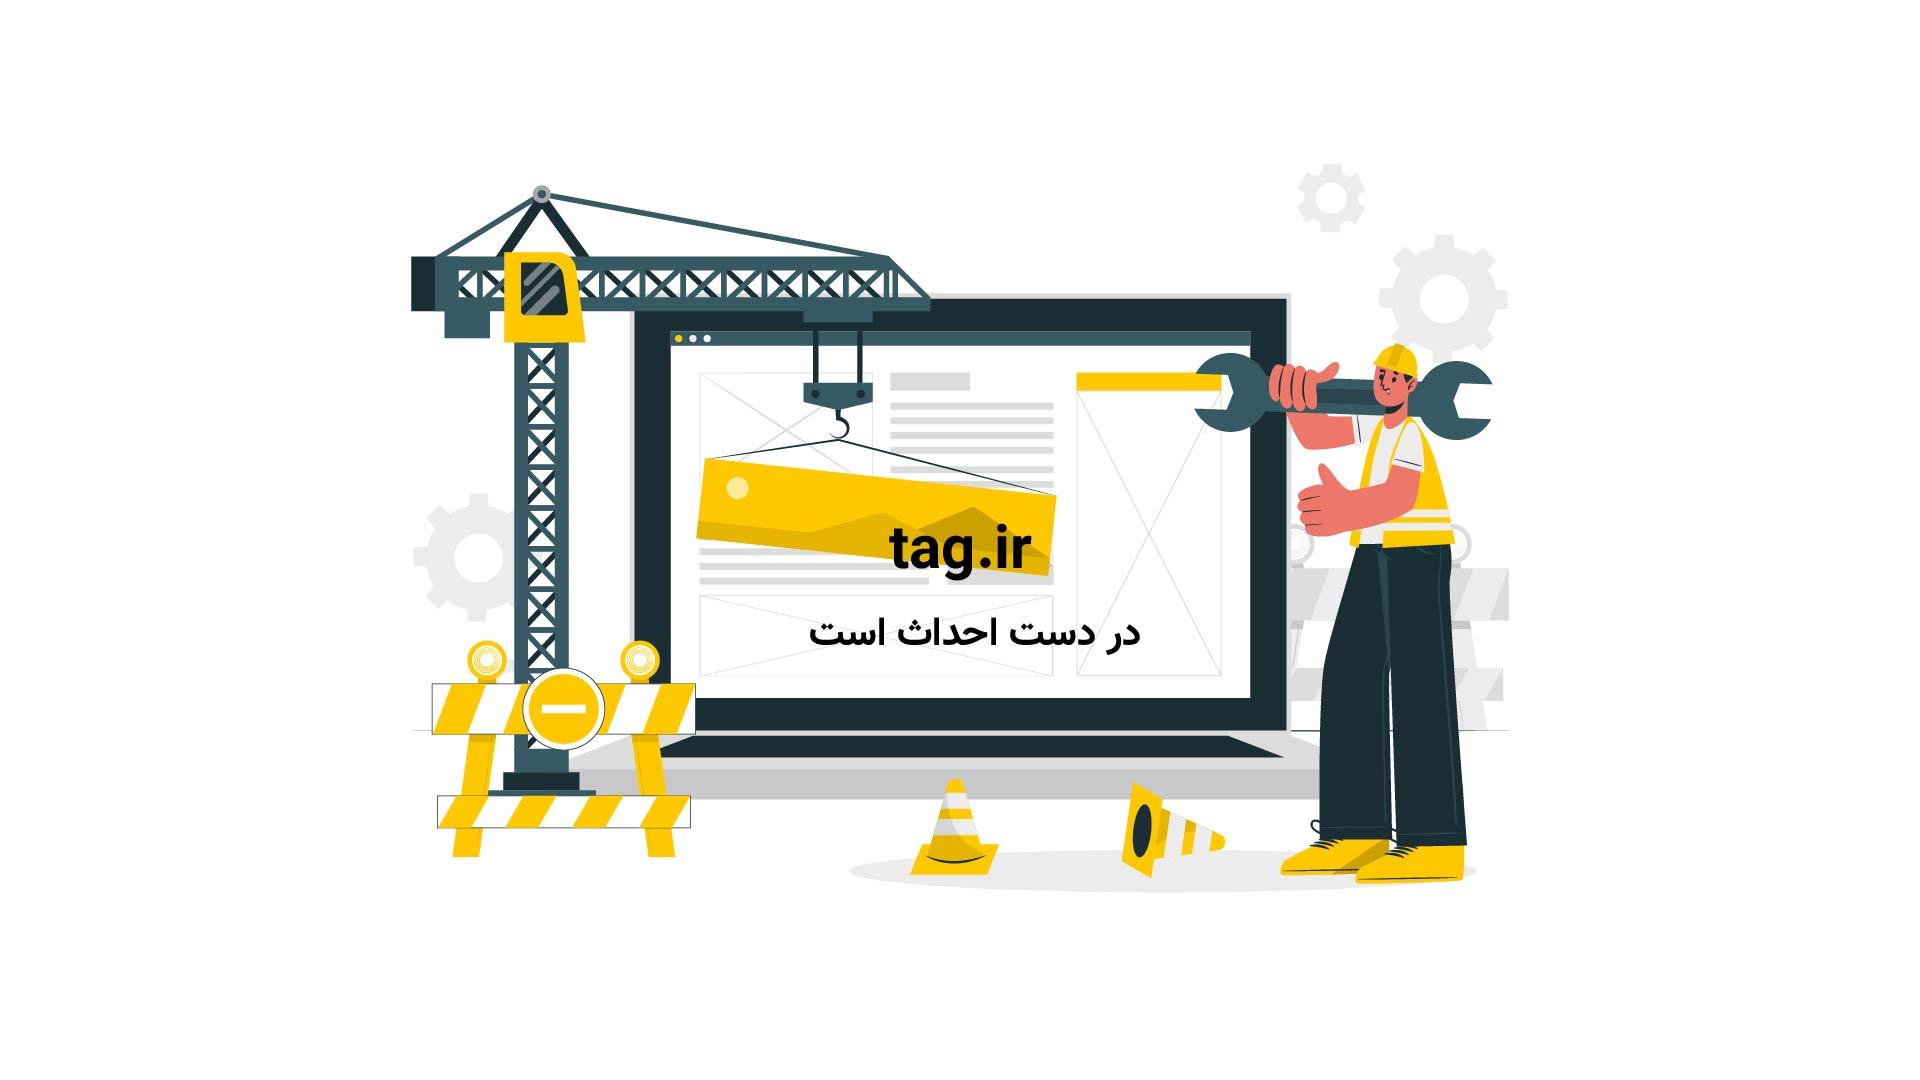 حوادث جادهای | تگ